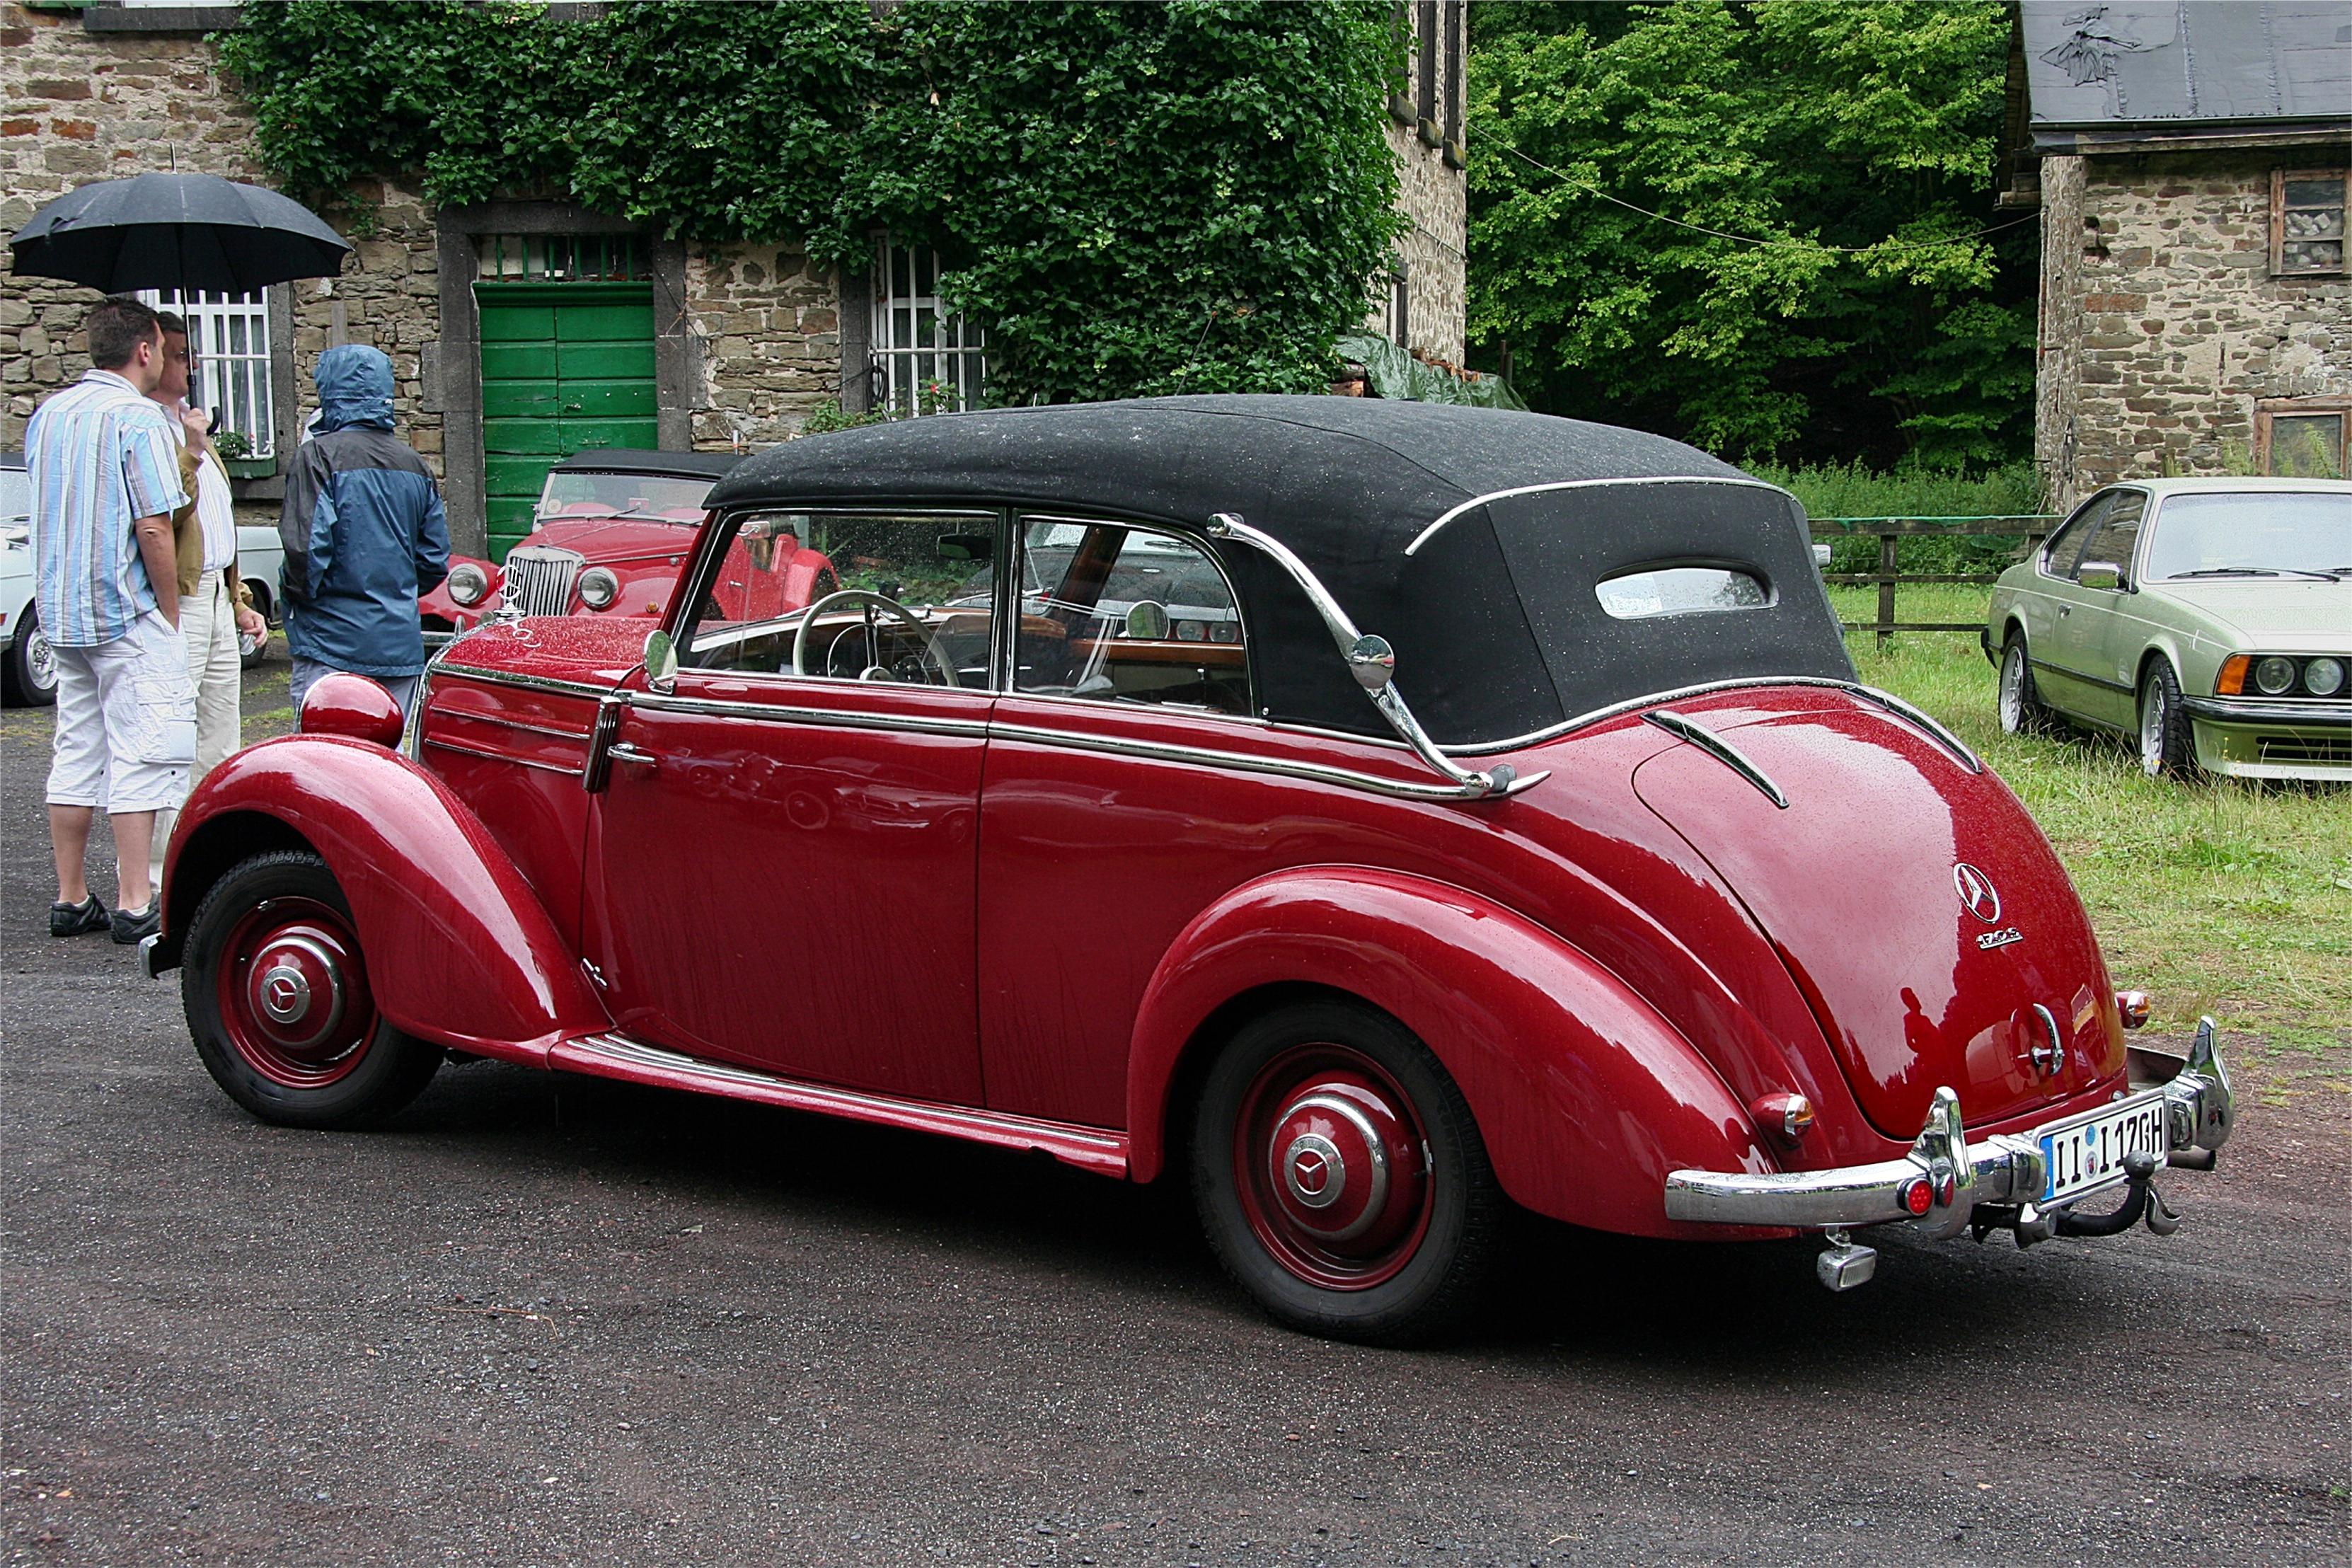 file mercedes benz 170 s cabriolet b bj 1950 ret kl. Black Bedroom Furniture Sets. Home Design Ideas